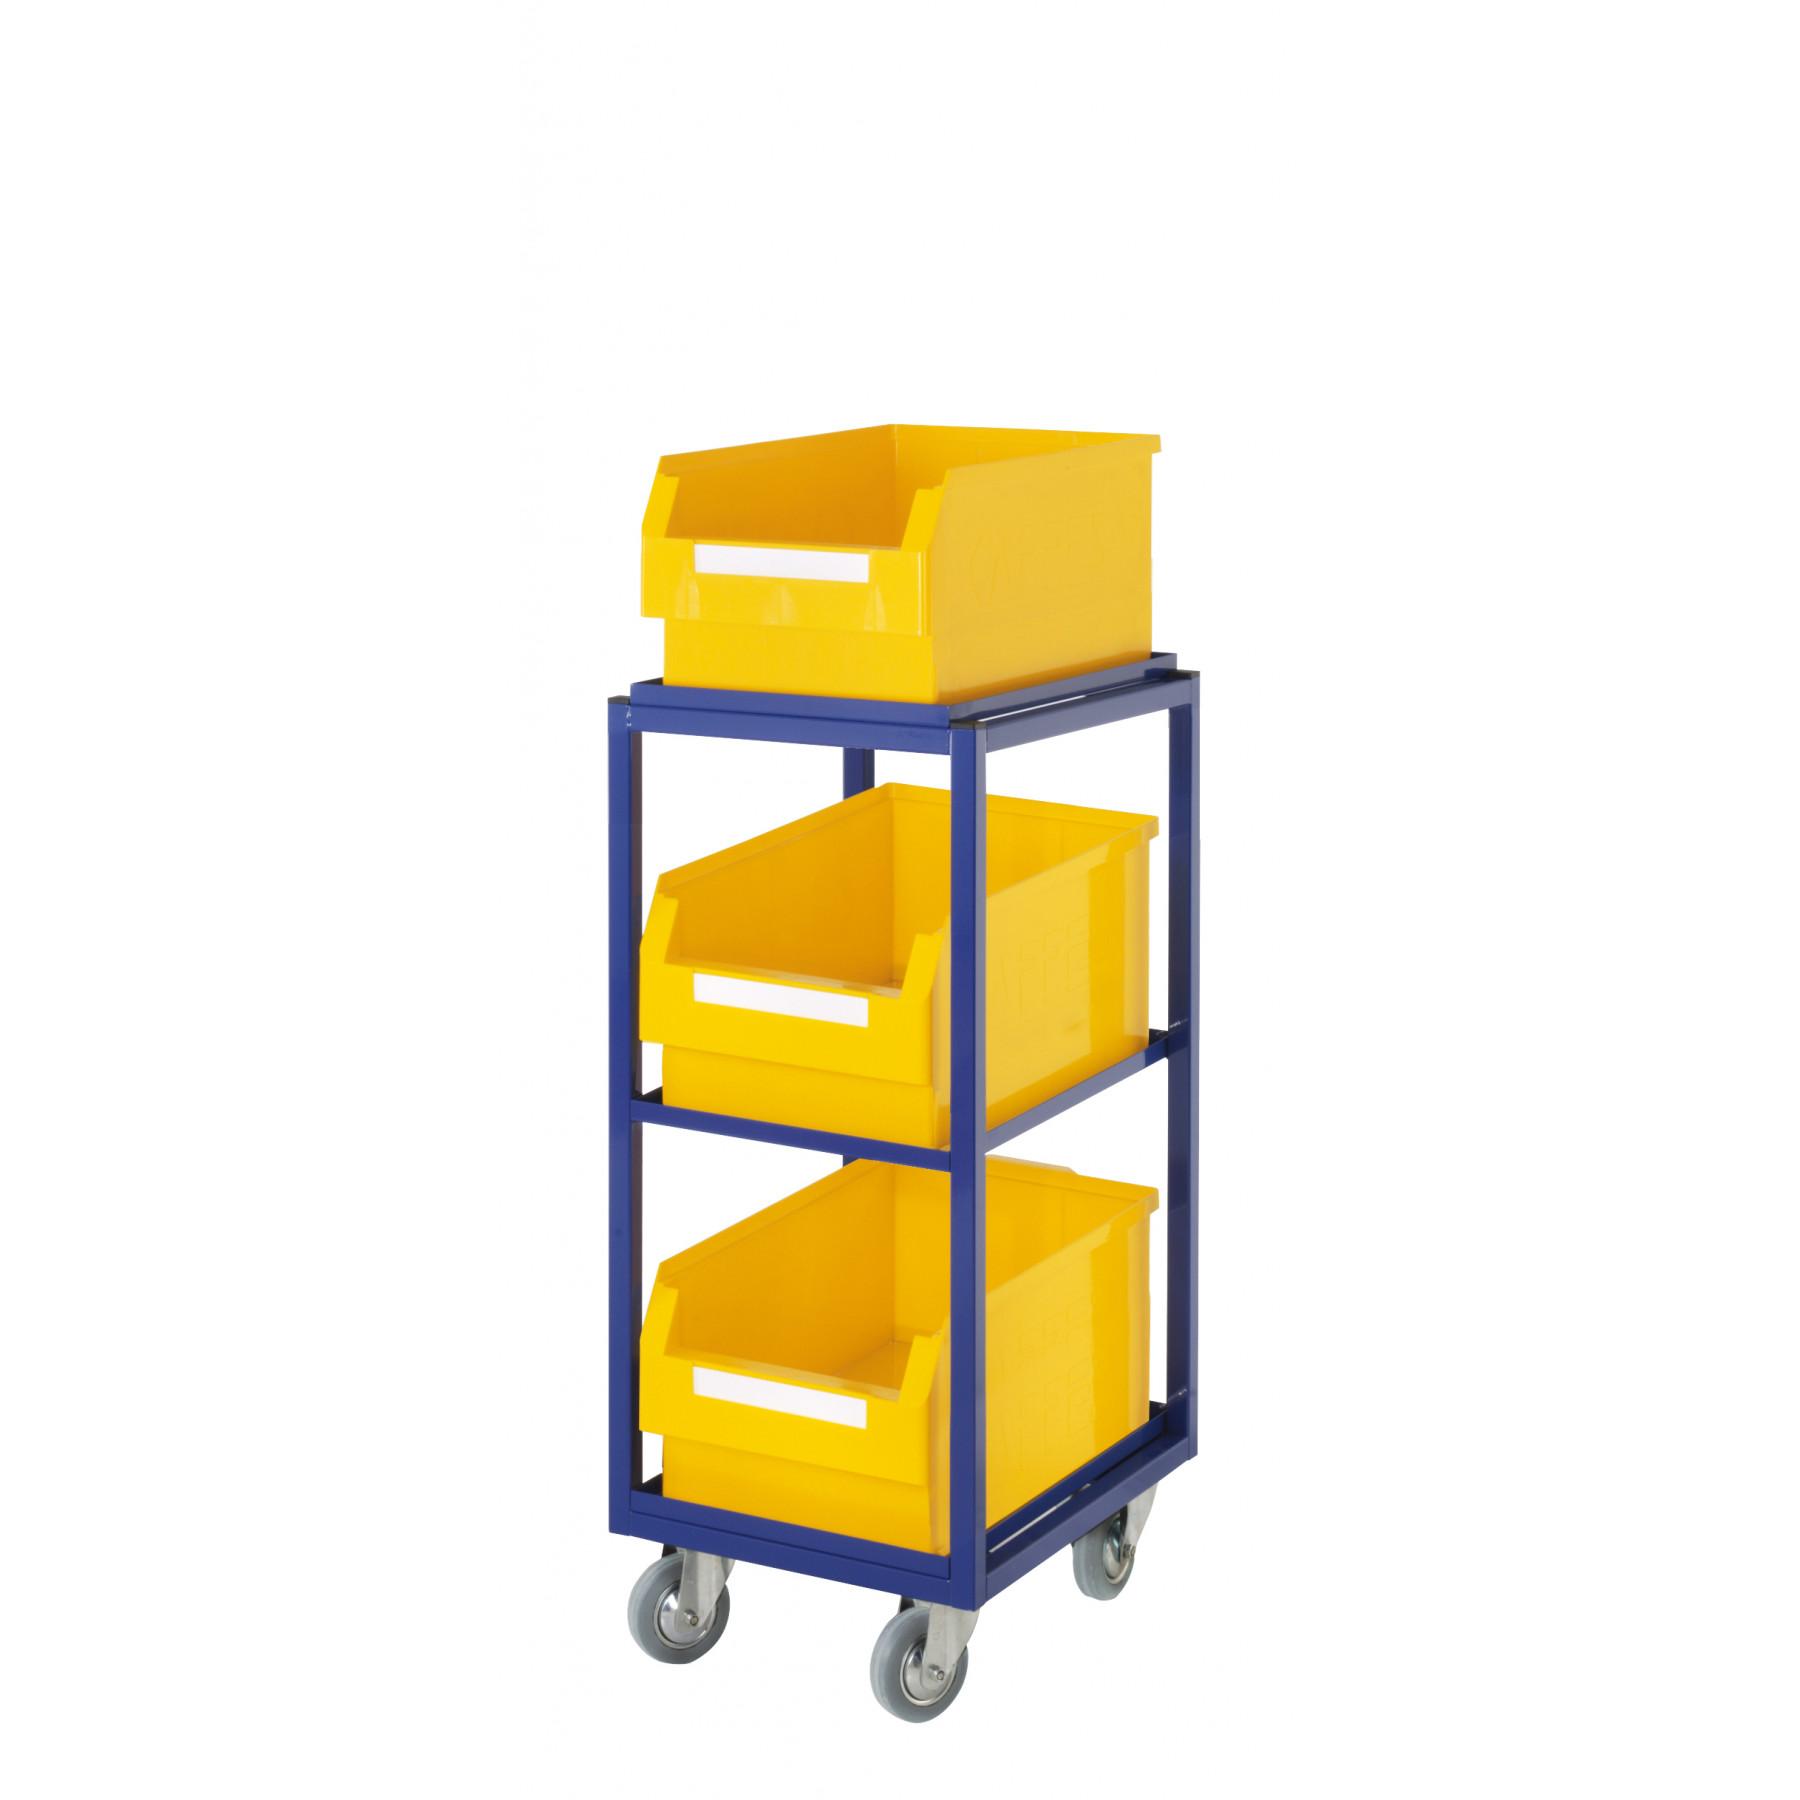 ®RasterPlan orderpickwagen met 3 rechte legborden en 3 magazijnbakken, 7708.01.0121